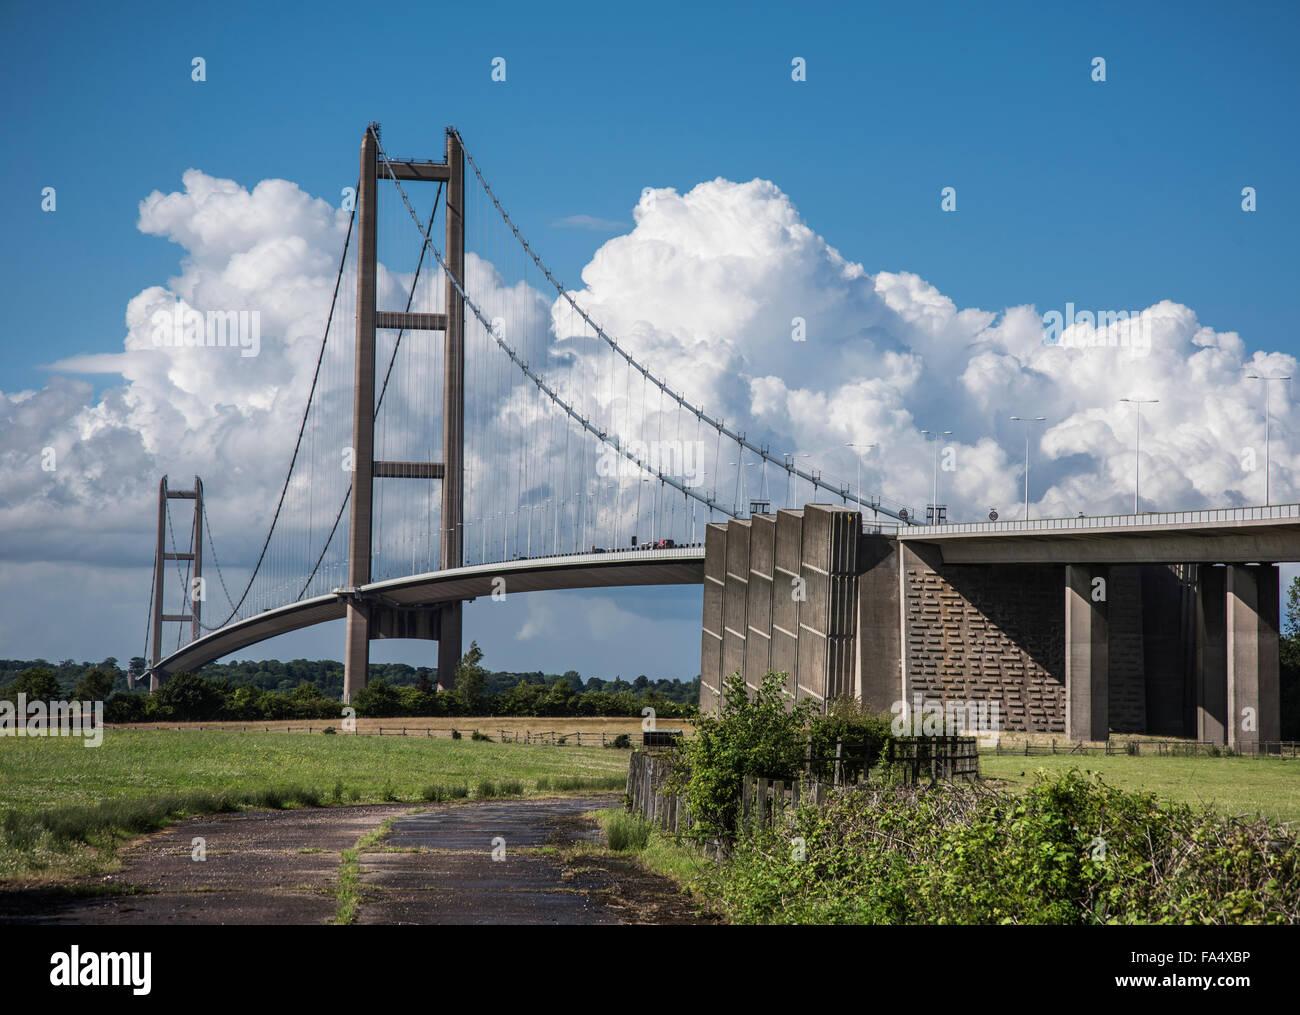 Hoch aufragenden Gewitterwolken bieten eine brillante und dramatische Kulisse Humber Bridge Stockbild